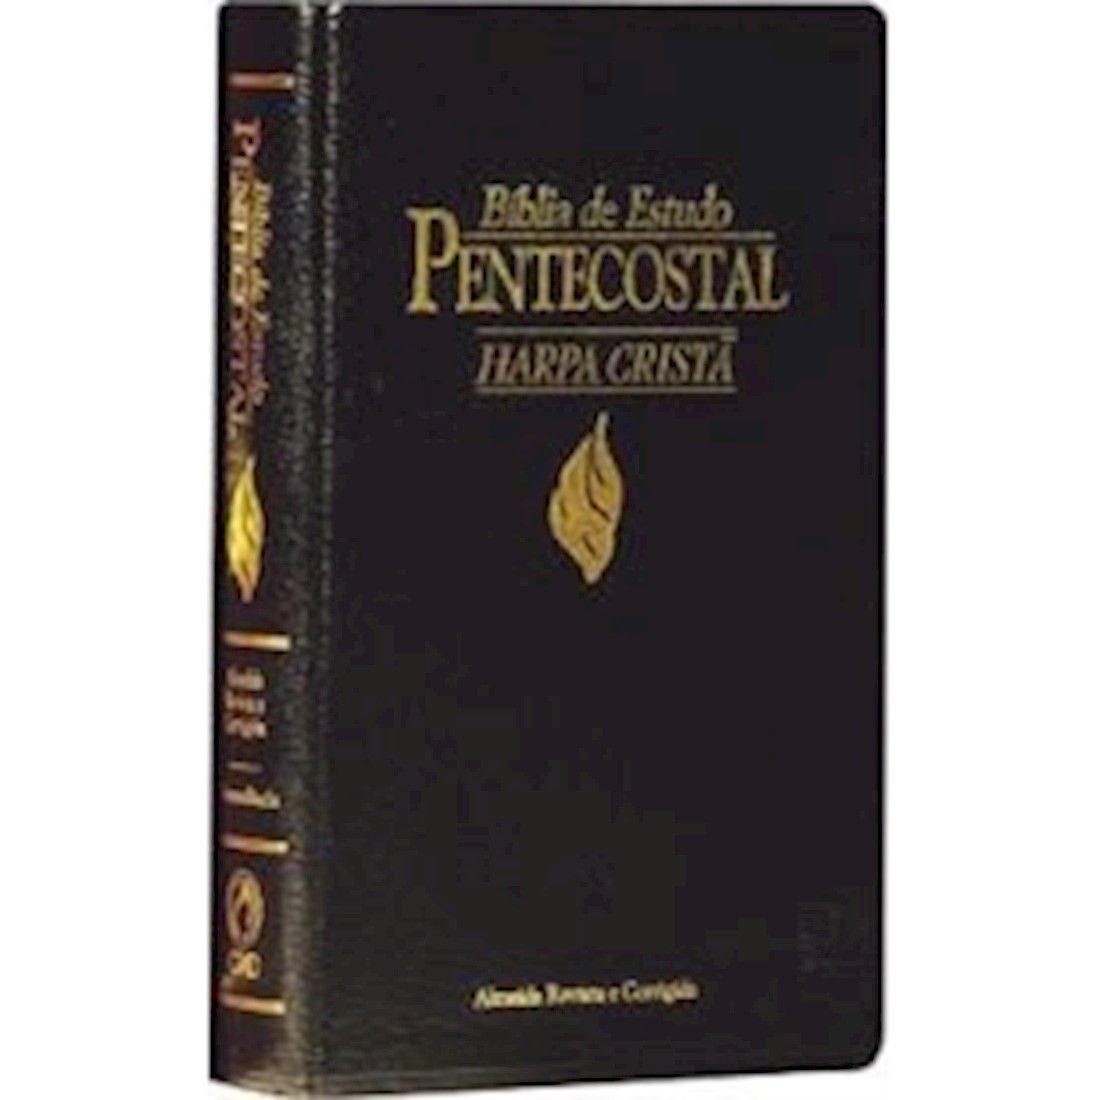 Bíblia de Estudo Pentecostal Pequena - Com Harpa Cristã